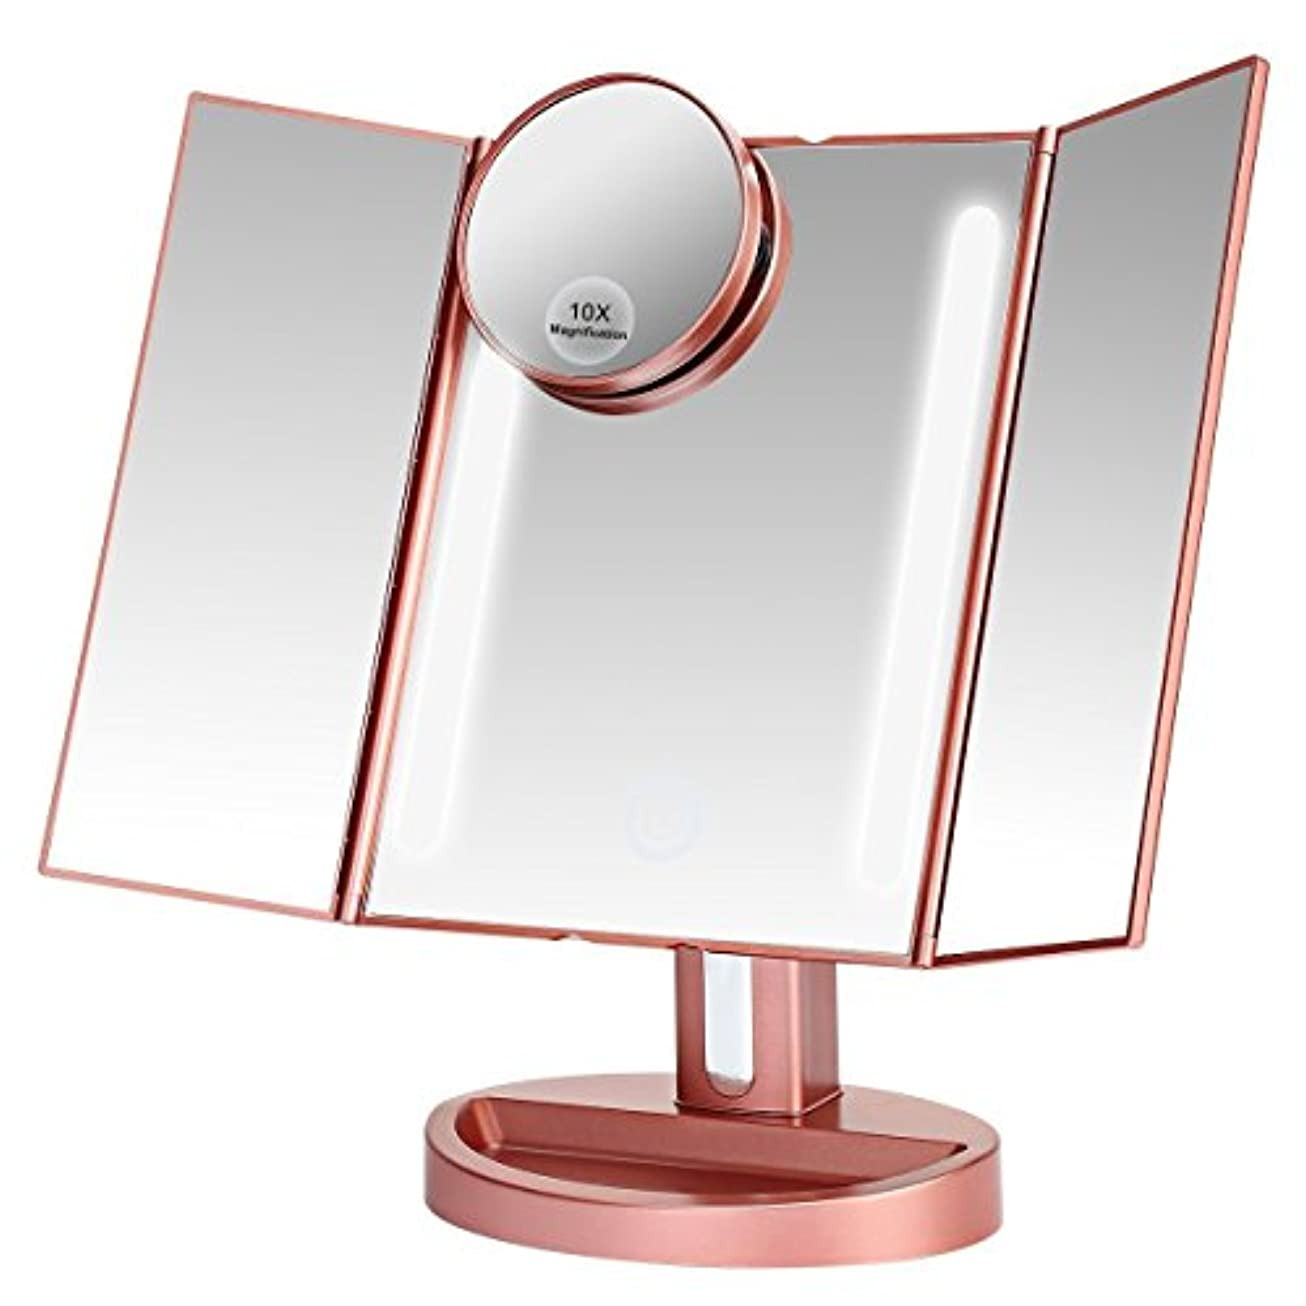 公式カフェチップLEEPWEI 化粧鏡  LED三面鏡 折りたたみ式 10倍拡大鏡付き 明るさ調節 180度回転